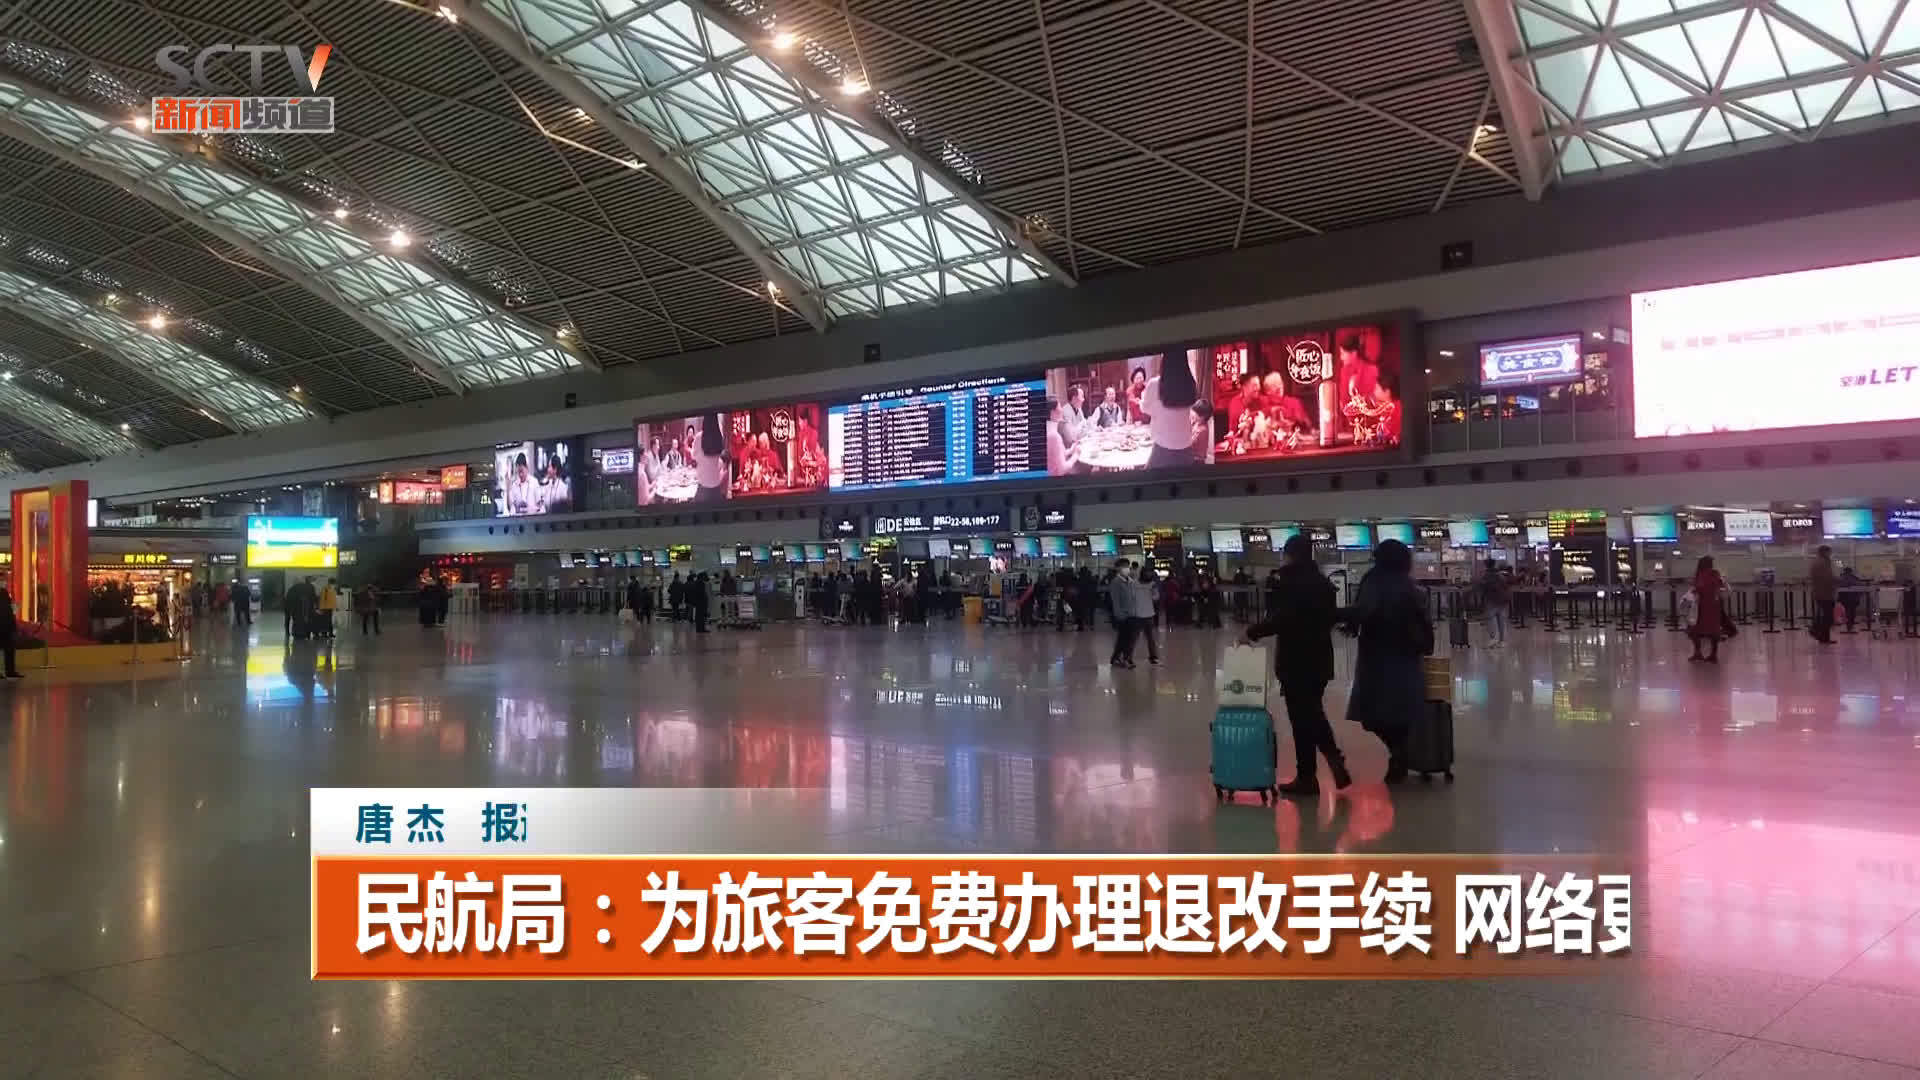 民航局:为旅客免费办理退改手续 网络更便捷